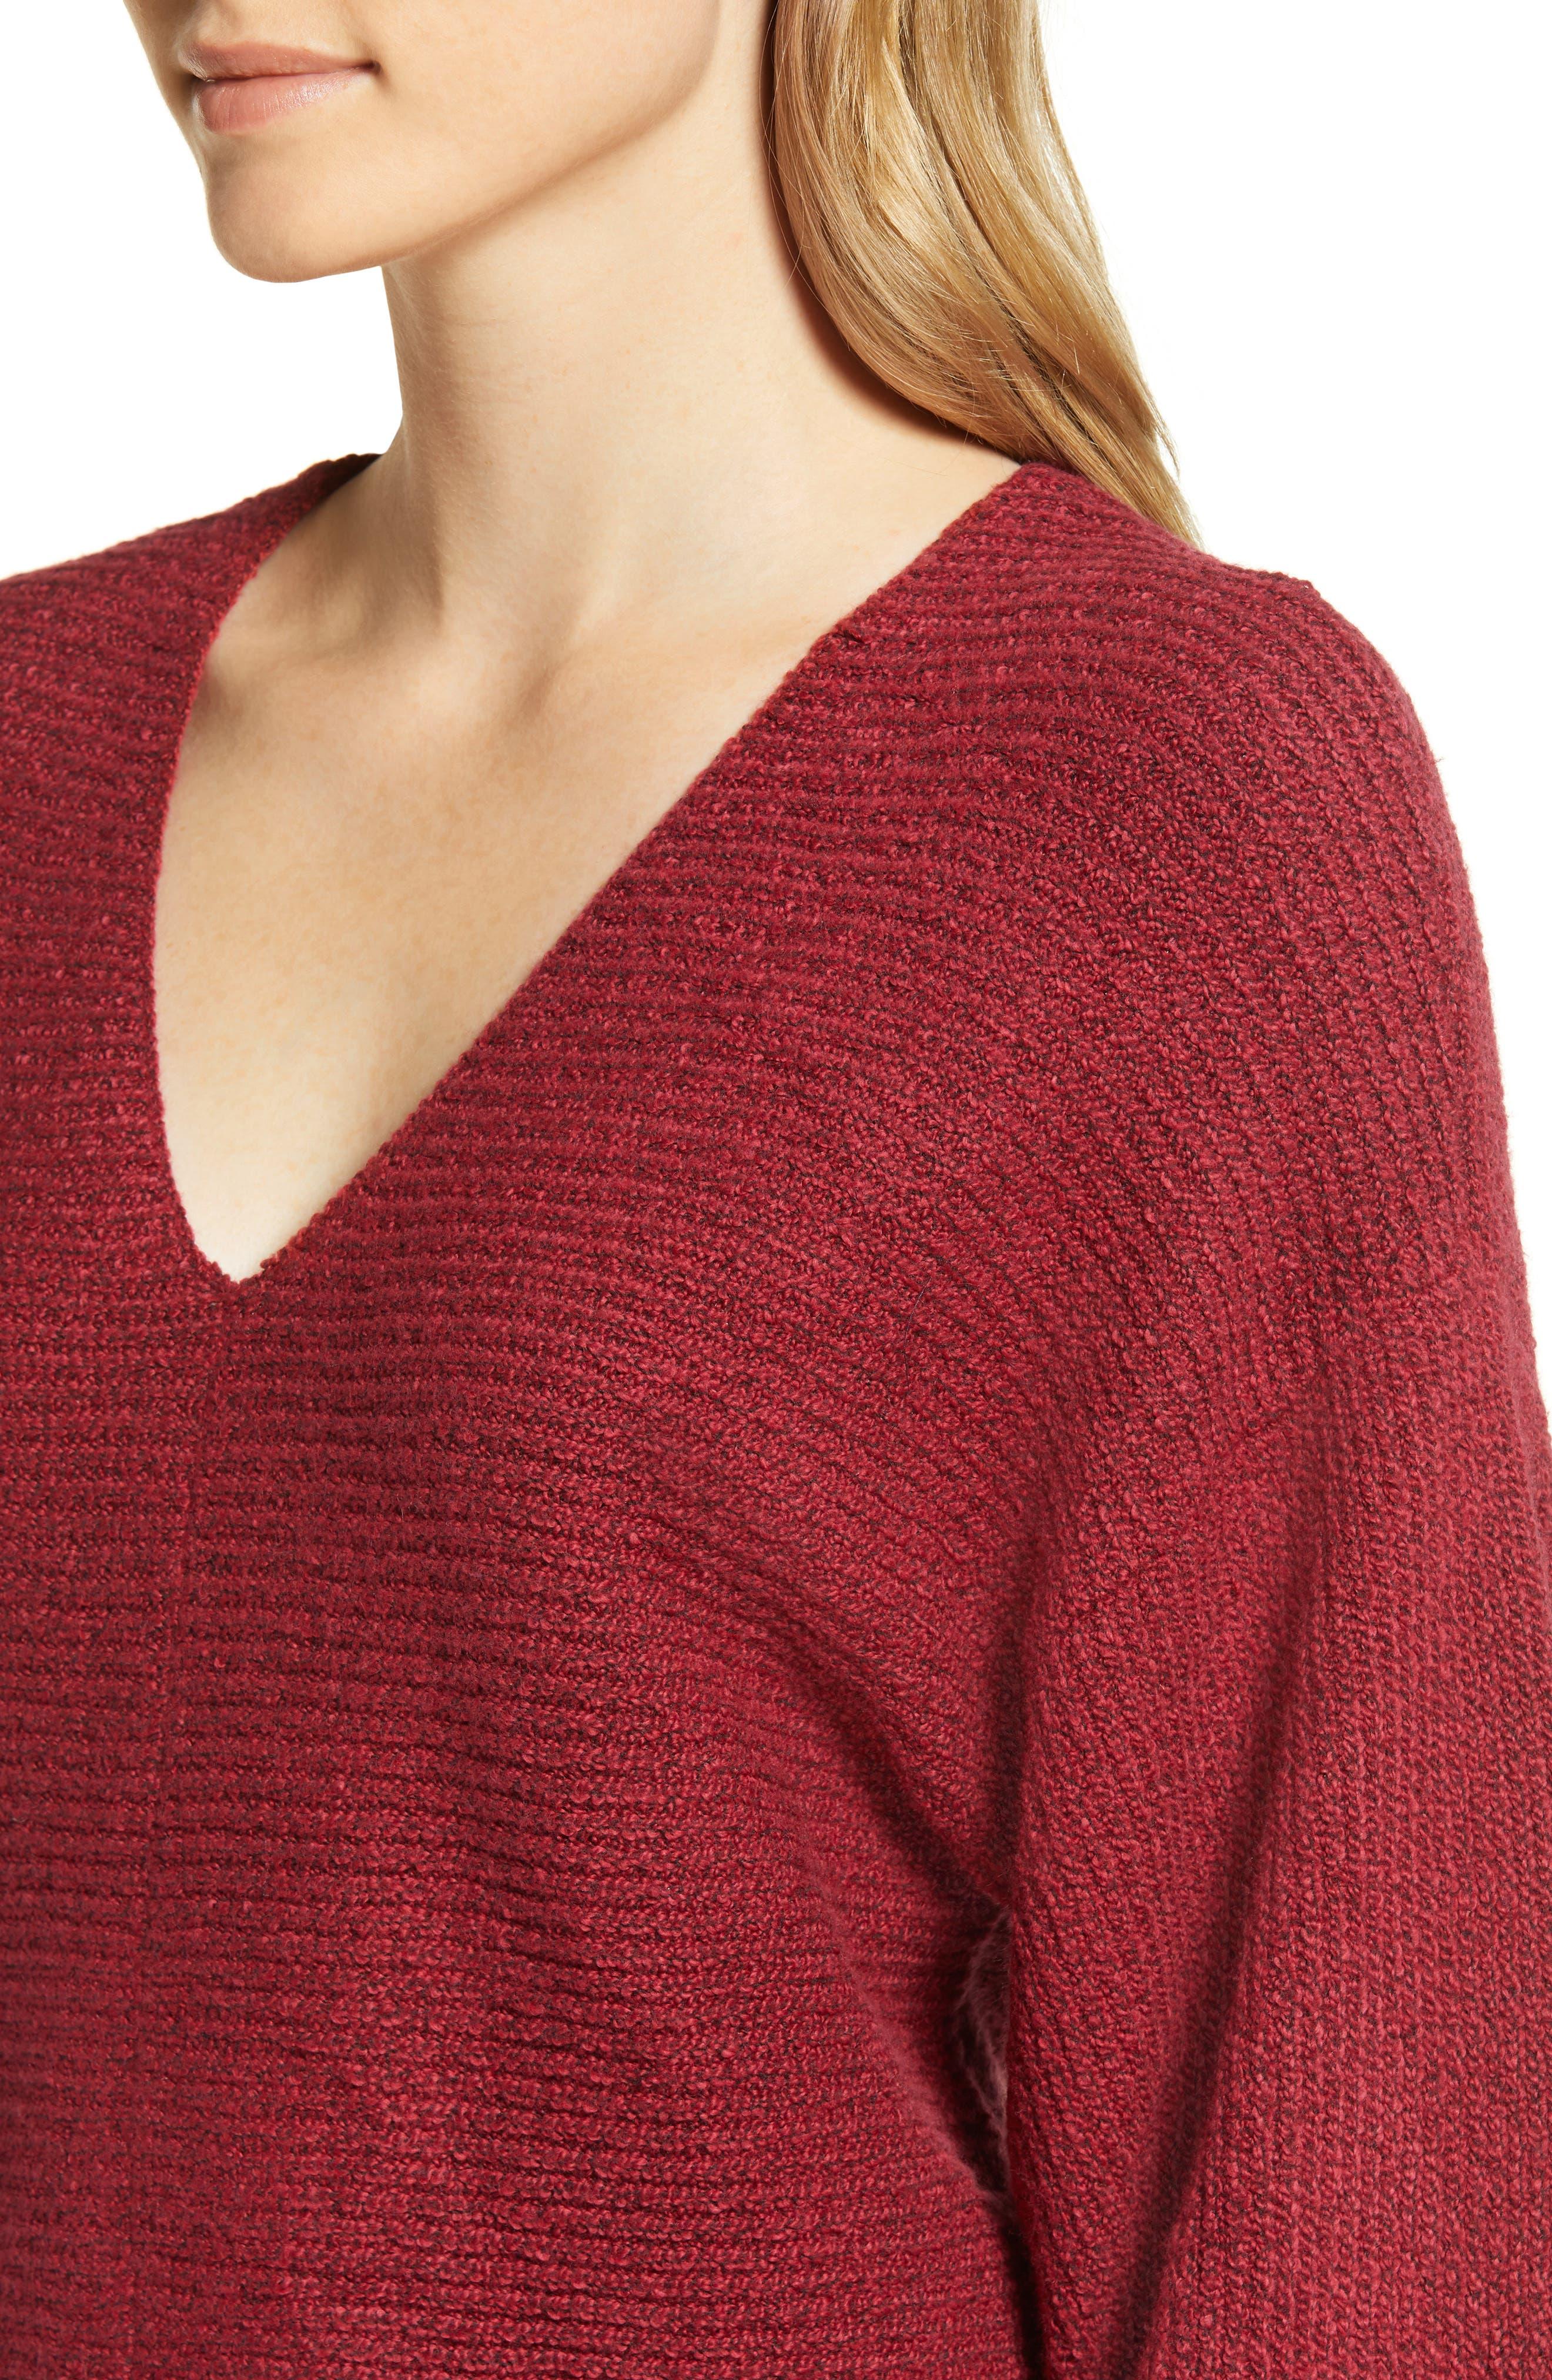 Blouson Sleeve V-Neck Sweater,                             Alternate thumbnail 4, color,                             641